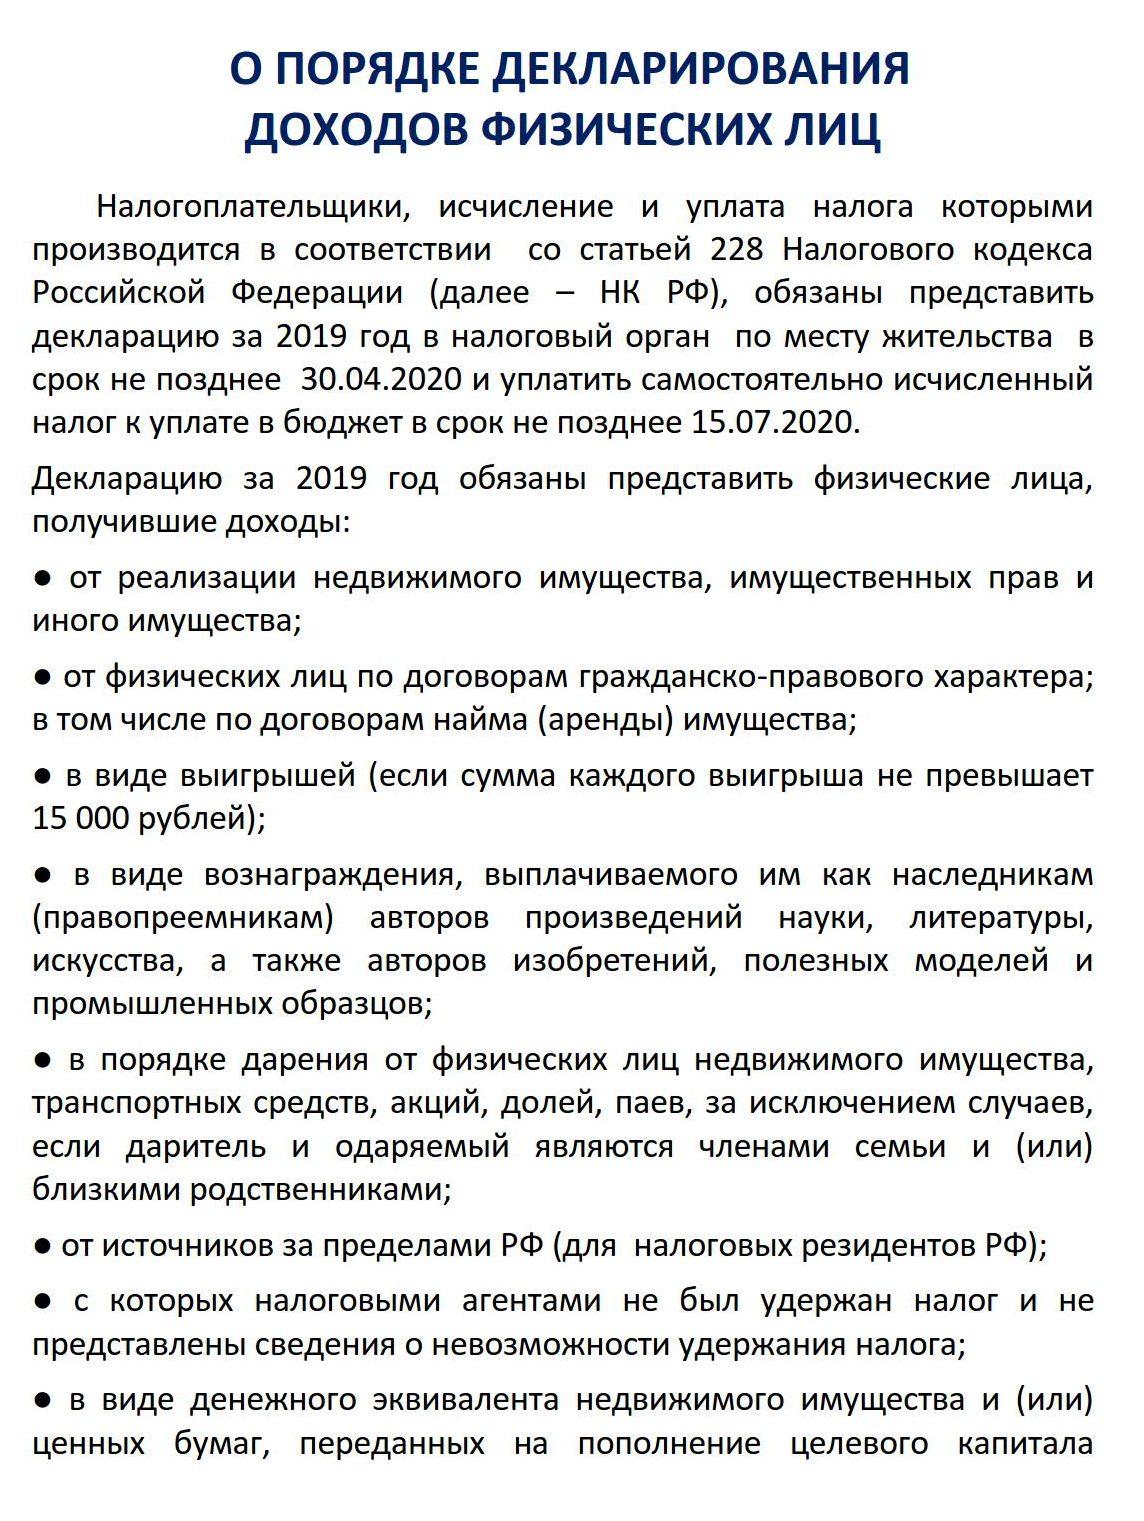 О порядке декларирования доходов физических лиц_1